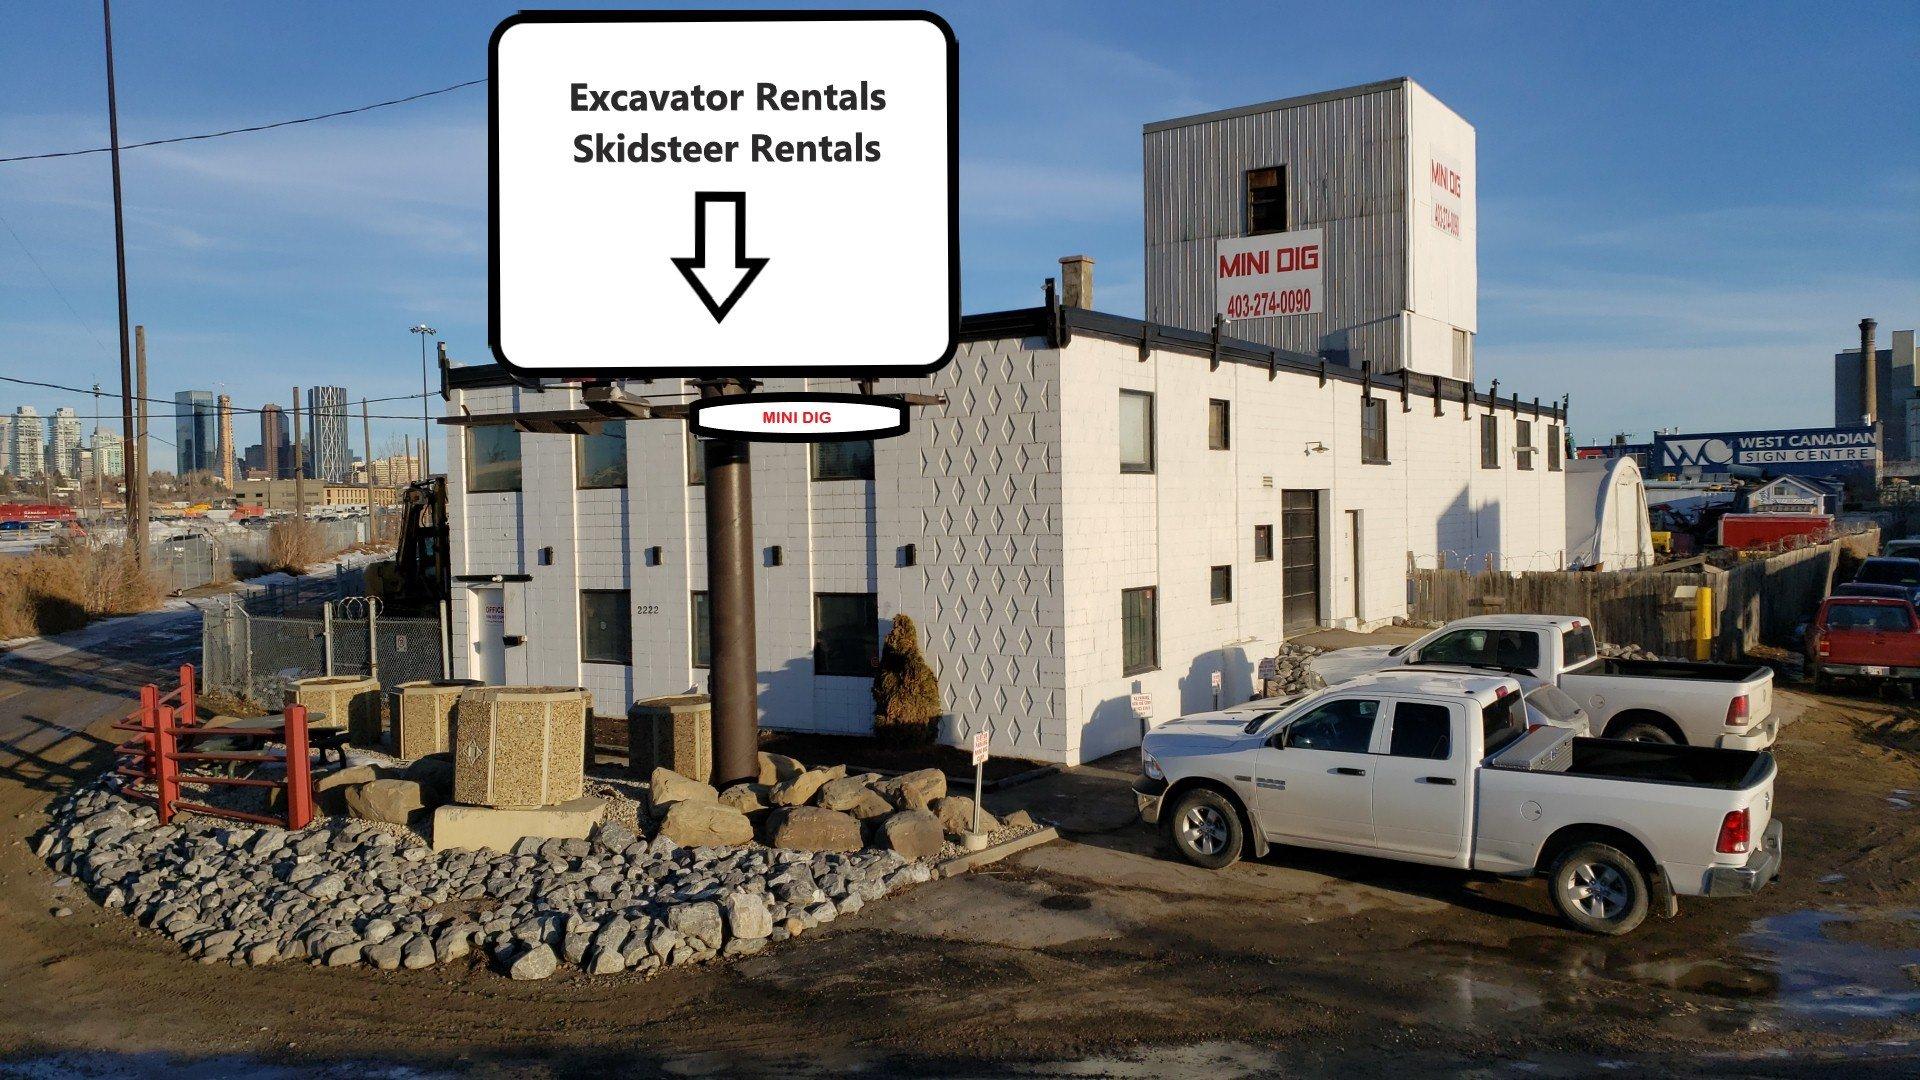 Equipment Rentals, Mini Dig, Rentals, Excavation, Demolition